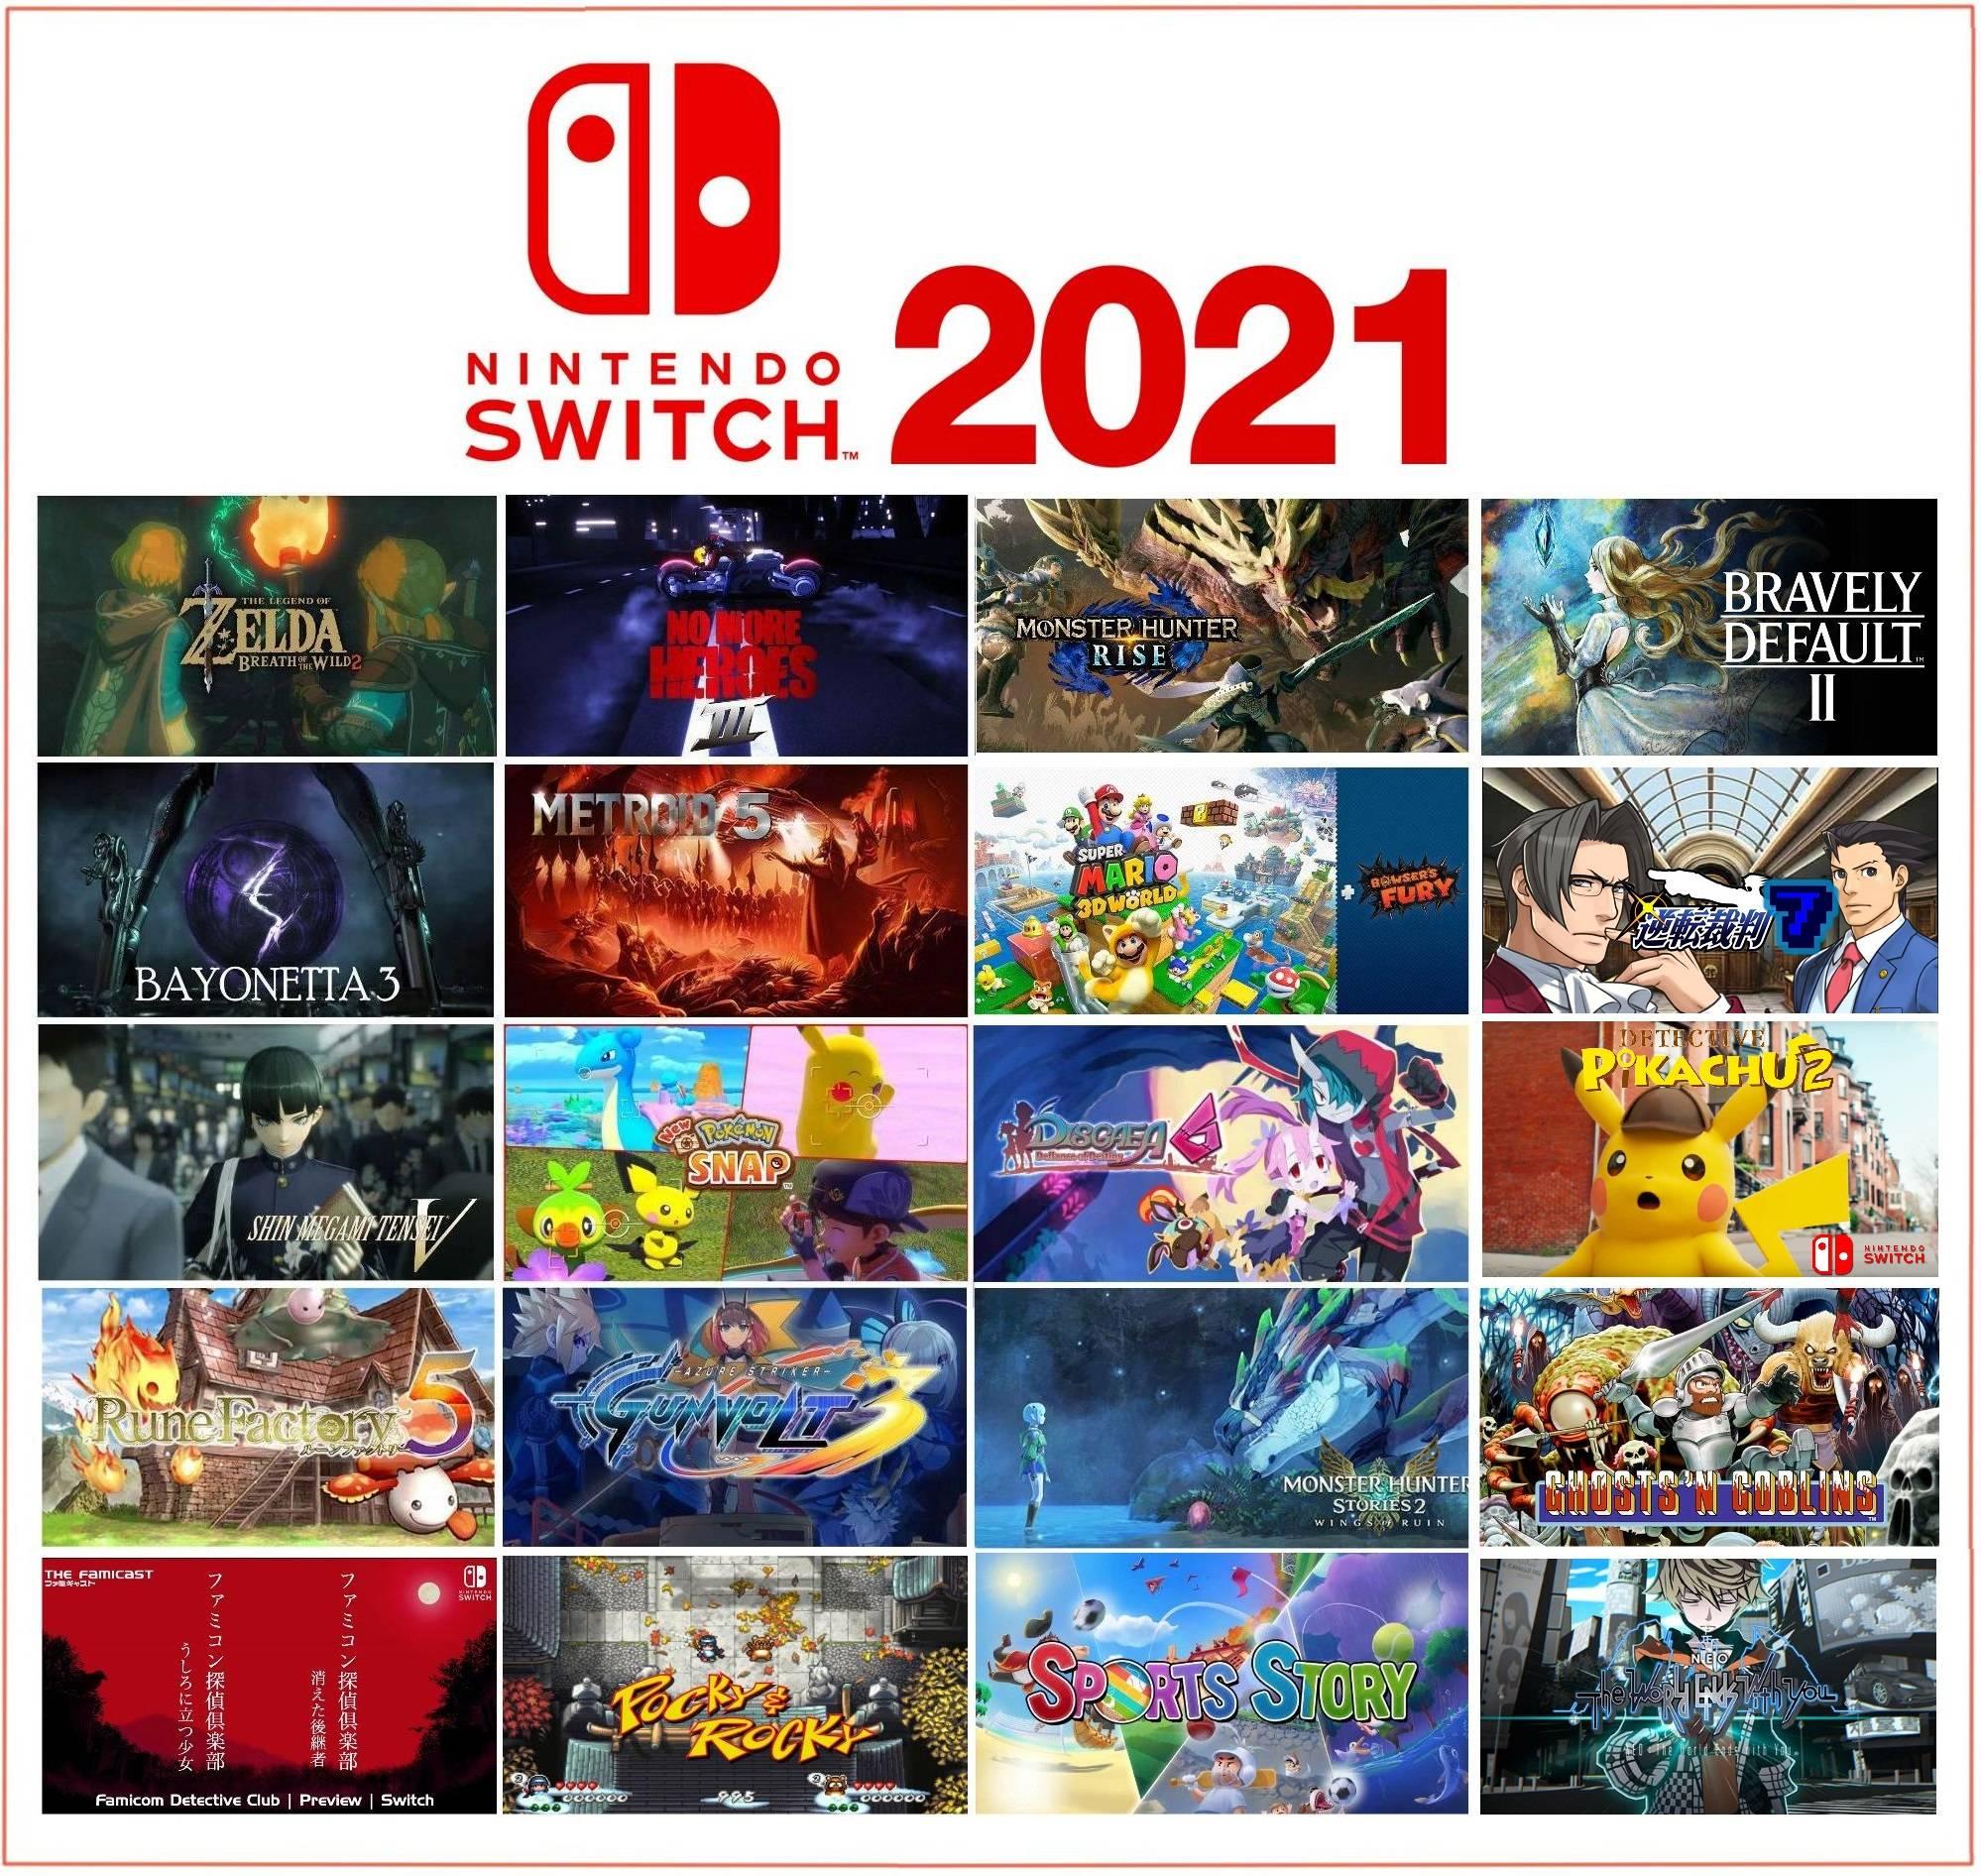 【画像】2021年もNintendo Switchの勝利が確信できる画像w